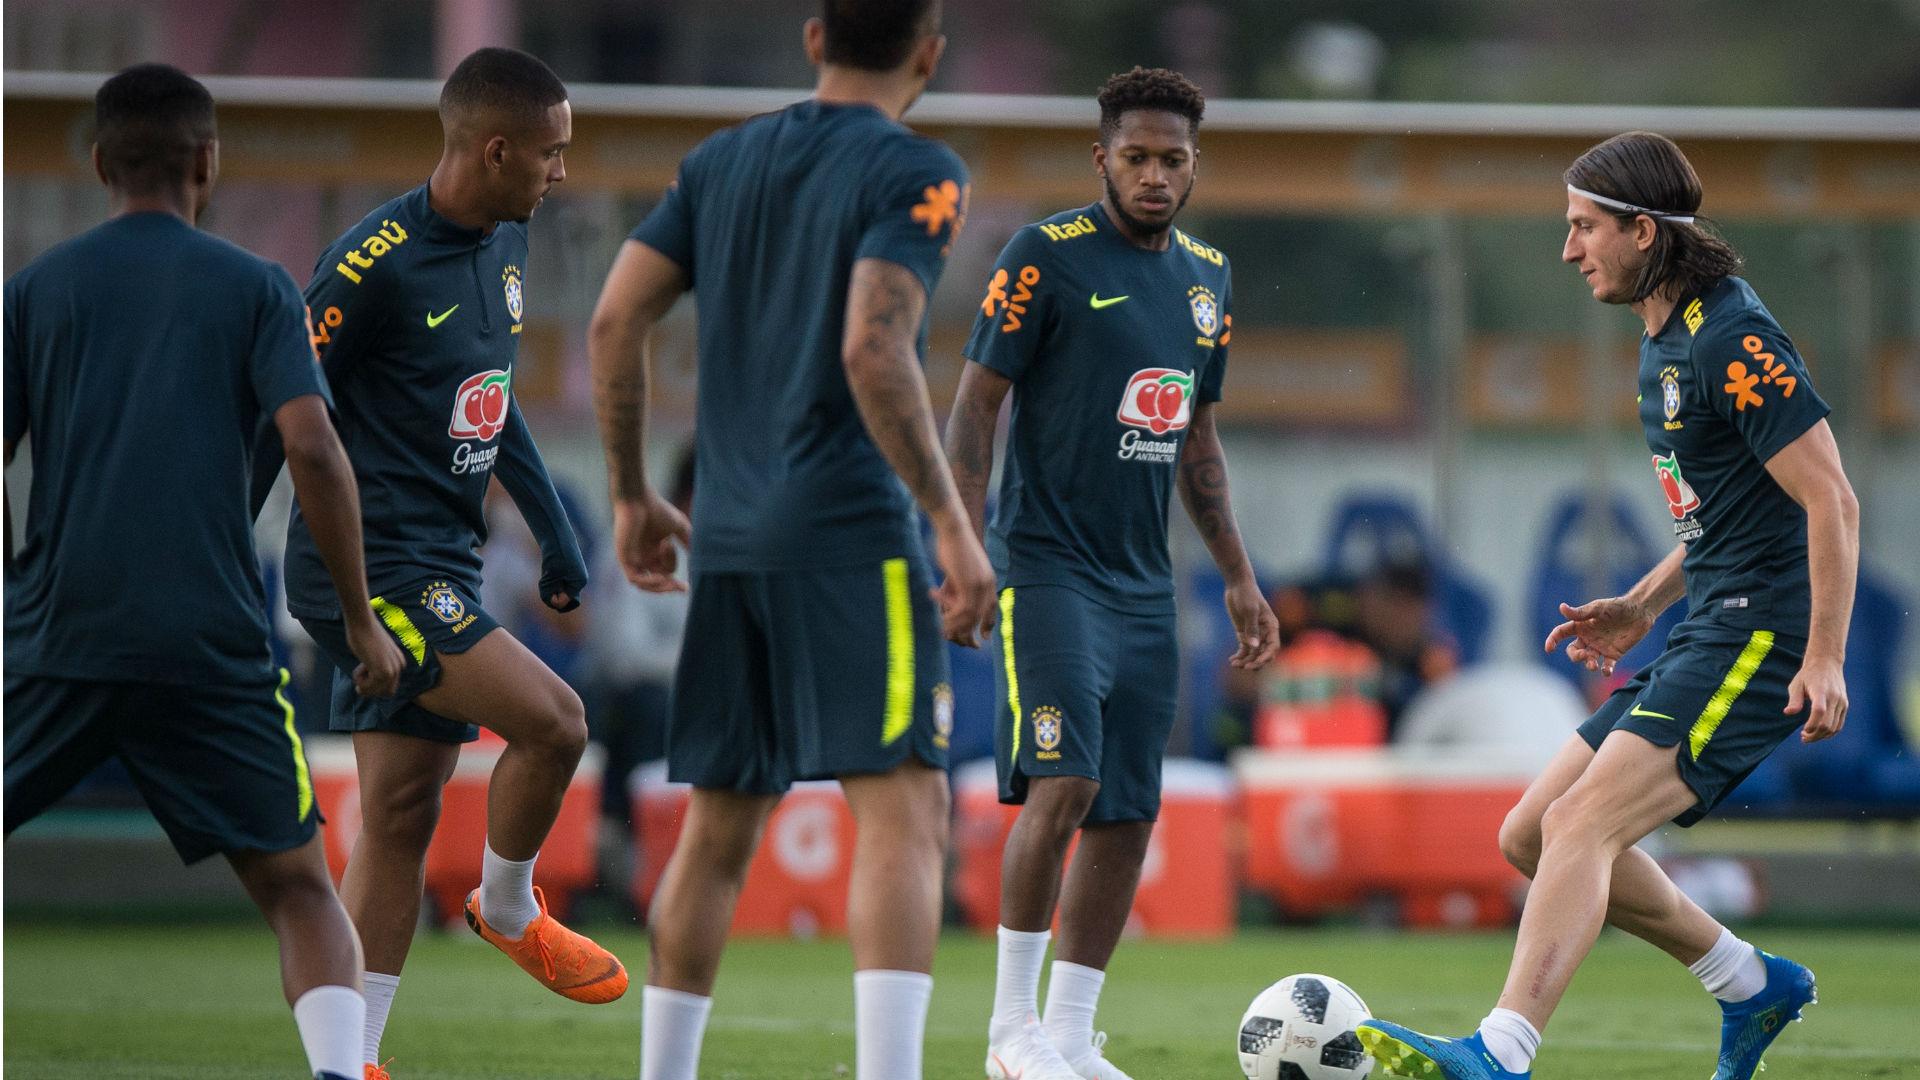 Treino Seleção Brasileira Granja Comary 25 05 2018